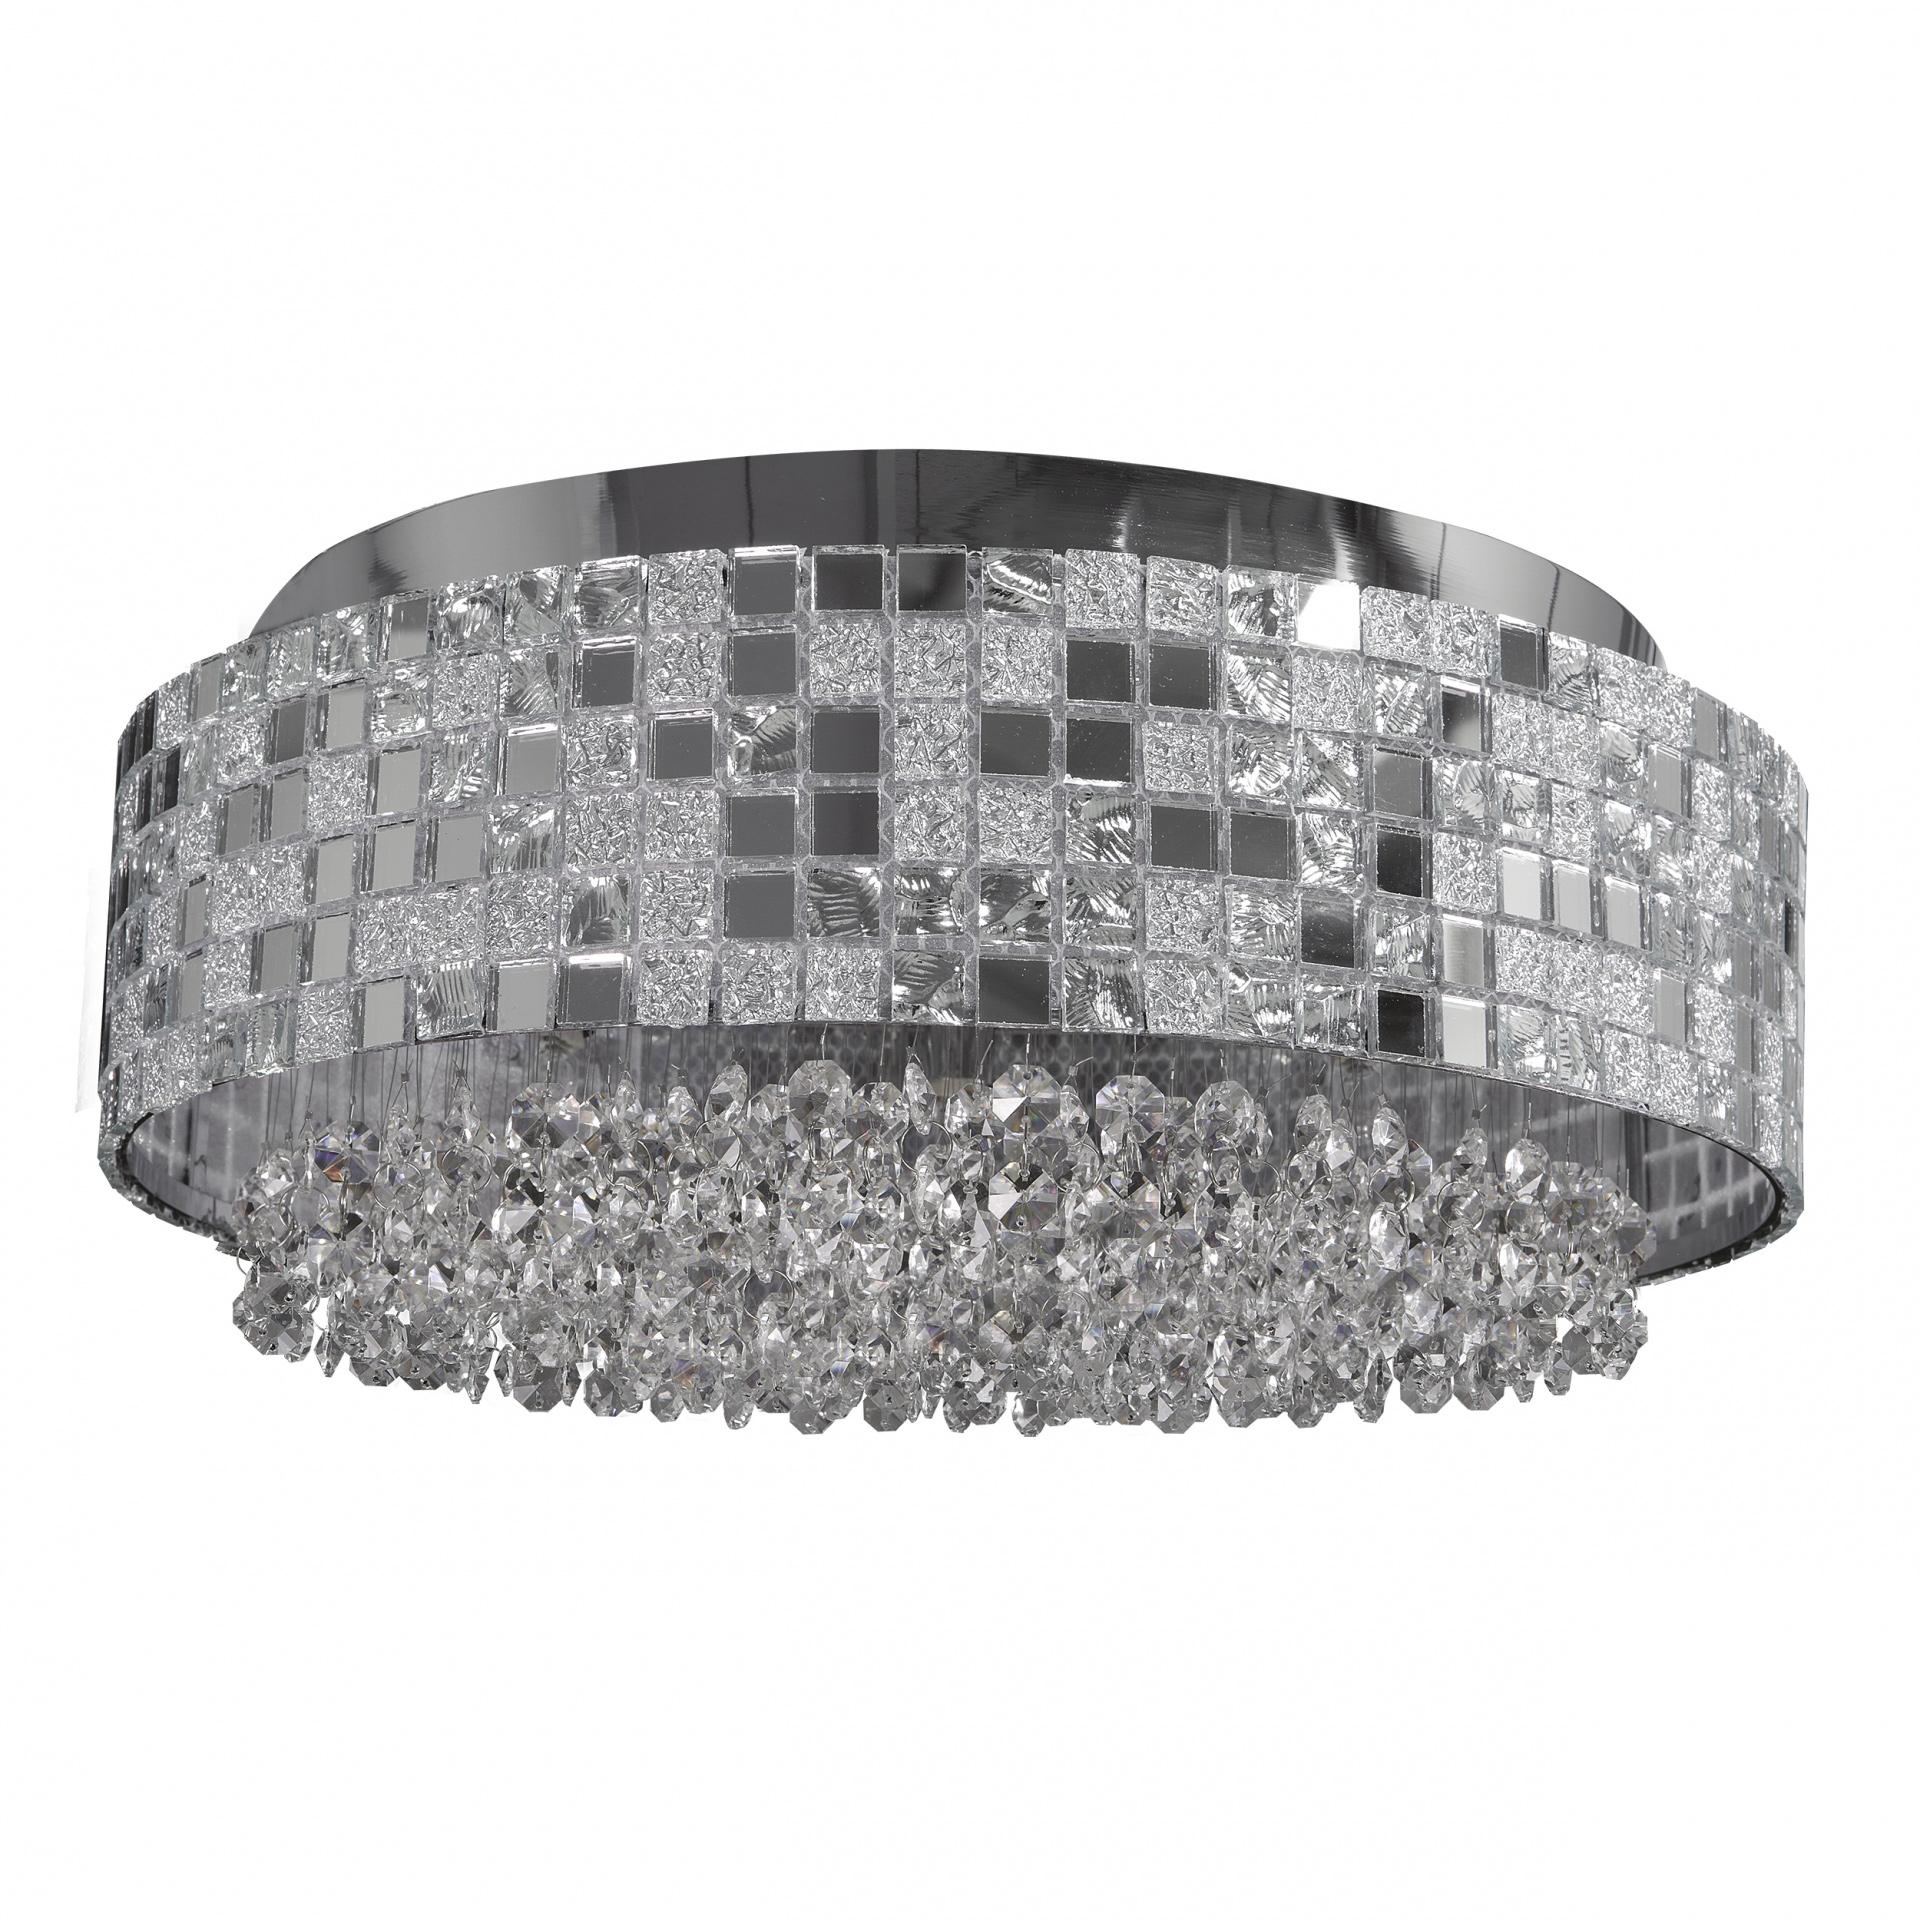 Люстра потолочная Bezazz 6х40W G9 хром Lightstar 743064, купить в СПб, Москве, с доставкой, Санкт-Петербург, интернет-магазин люстр и светильников Starlight, фото в жизни